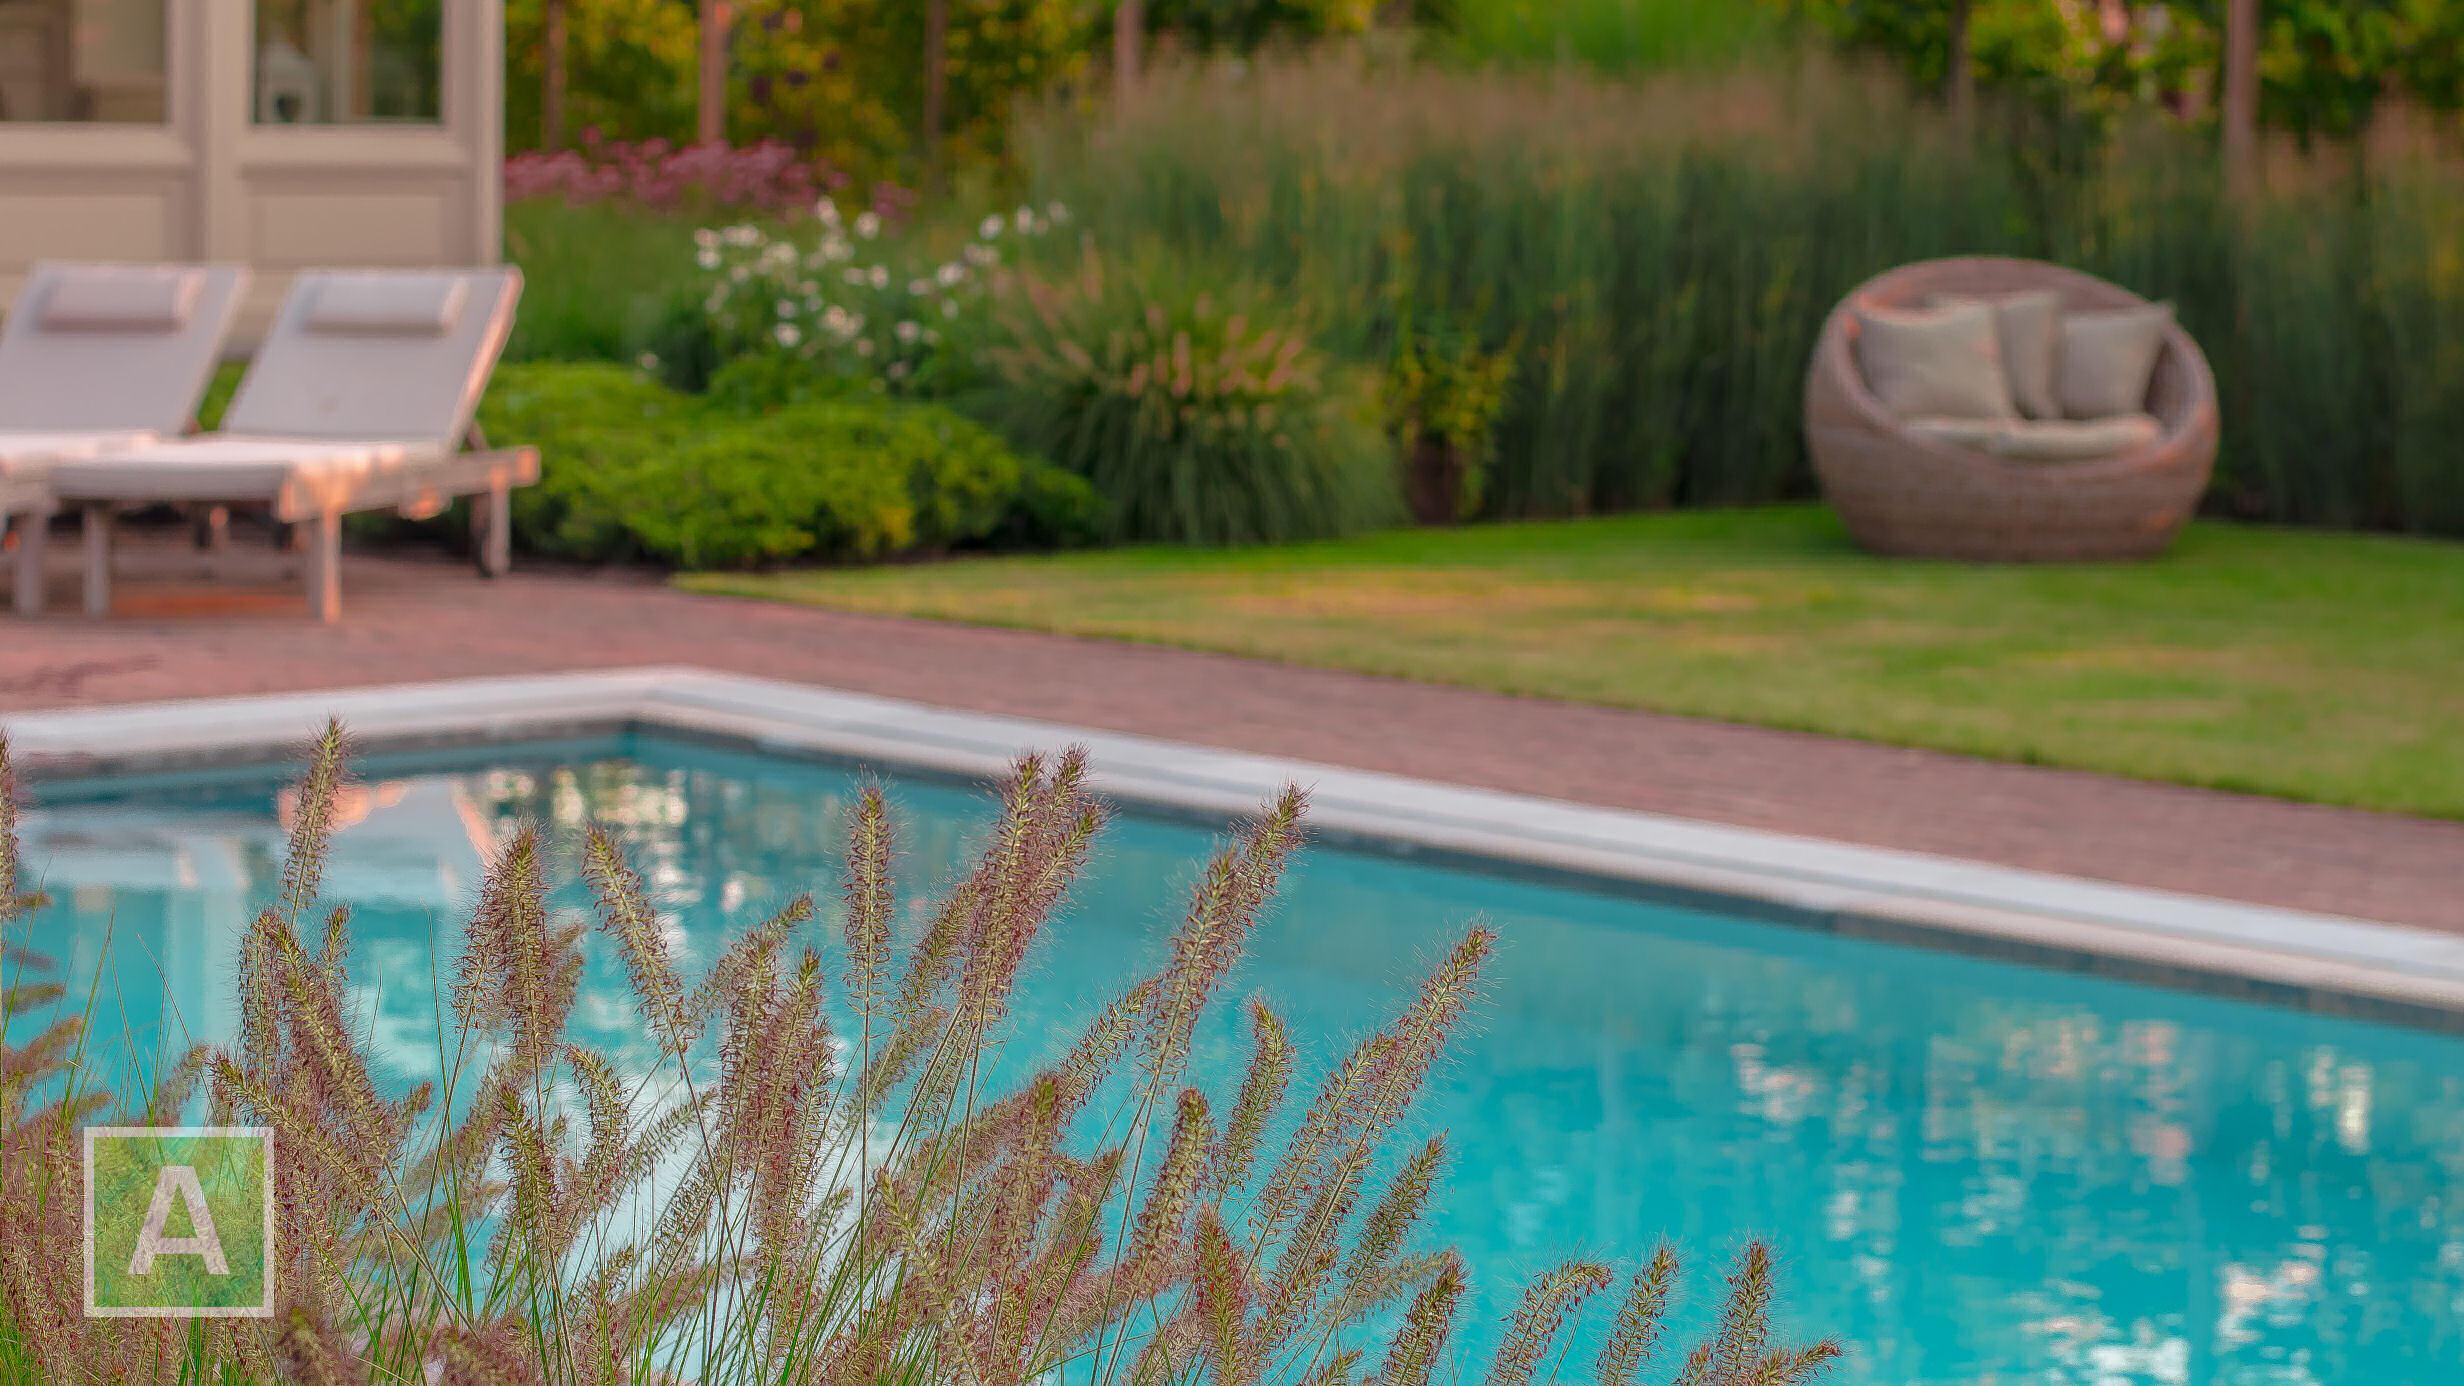 siergras, zwembad, lampenpoetsersgras, Pennisetum, tuin